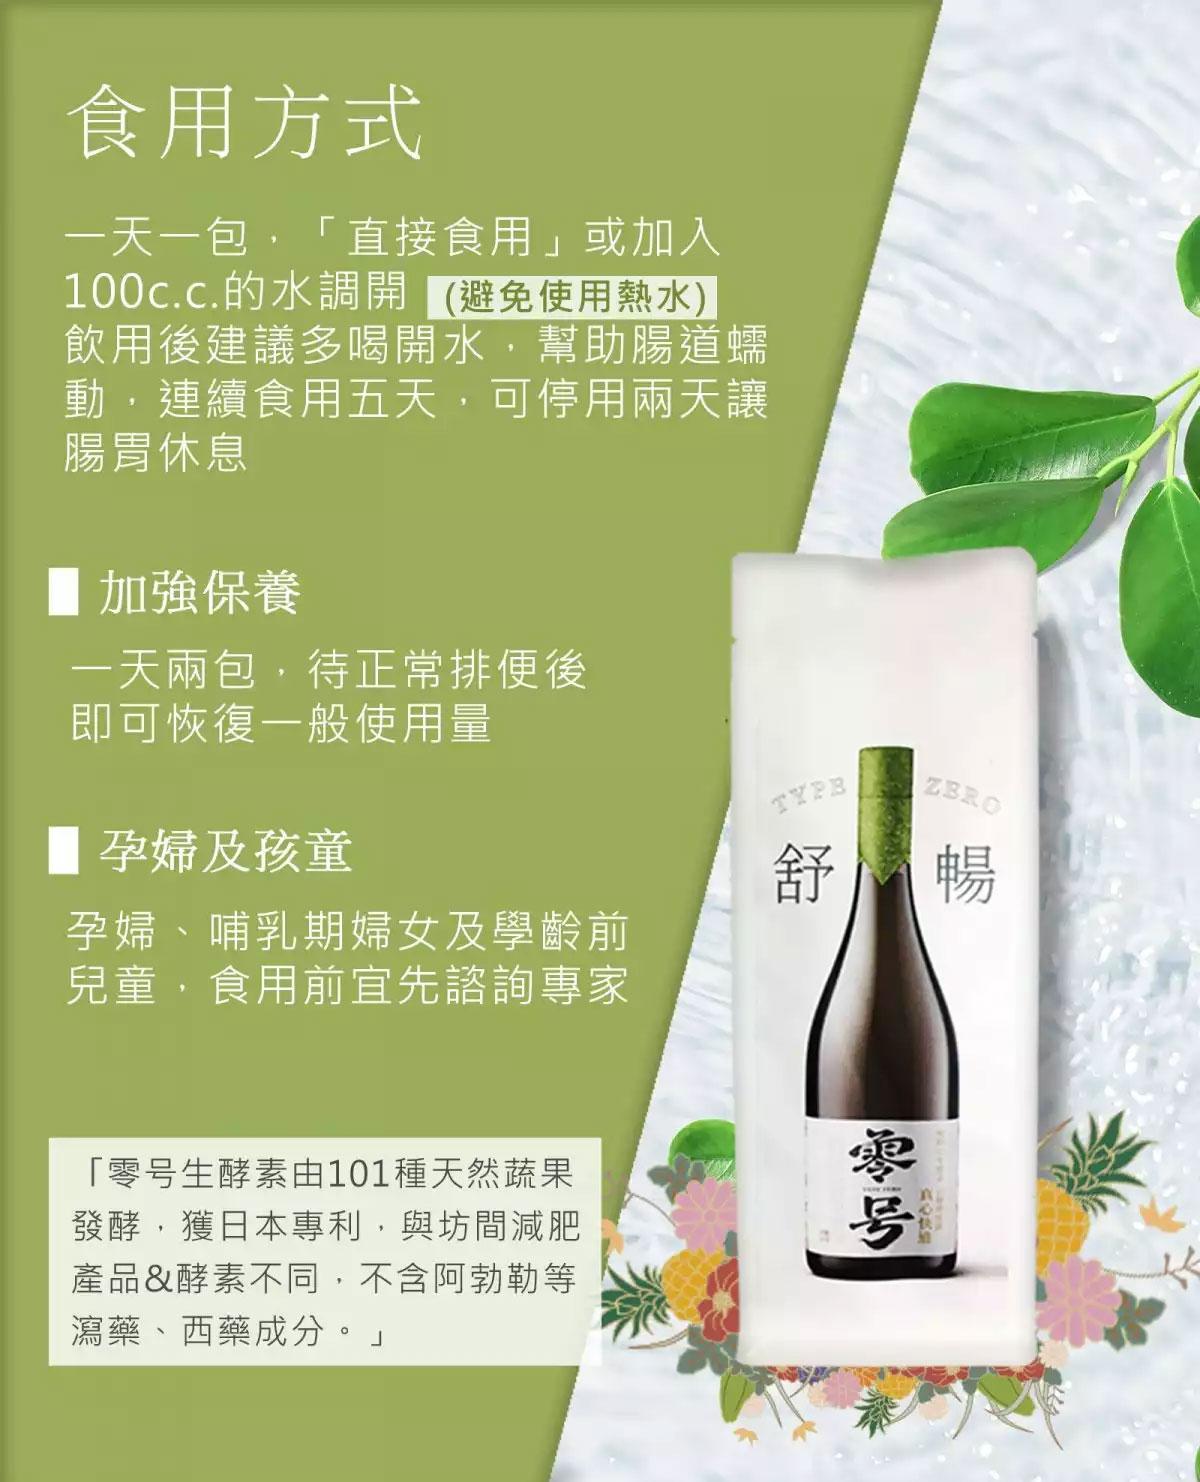 日本零號生酵素-101綜合蔬果酵素-100萬高濃度SOD-排空歸零養顏美容-食用方式